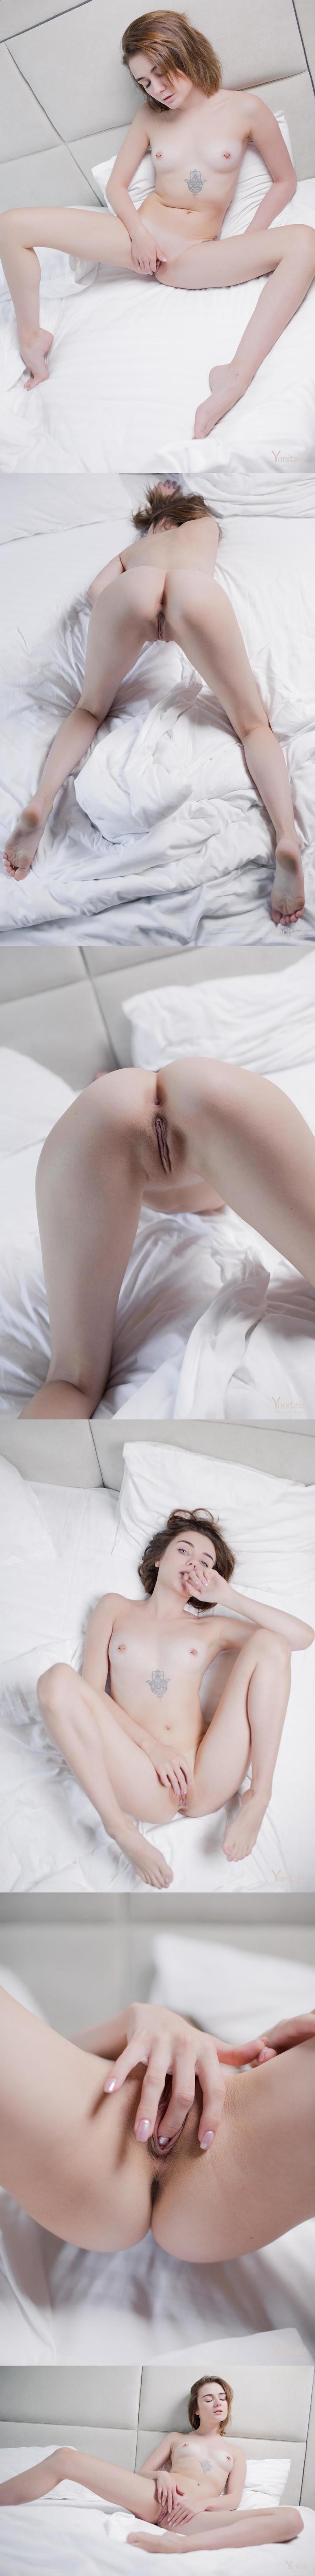 Yn 20180322 Pleasure irl - Girlsdelta